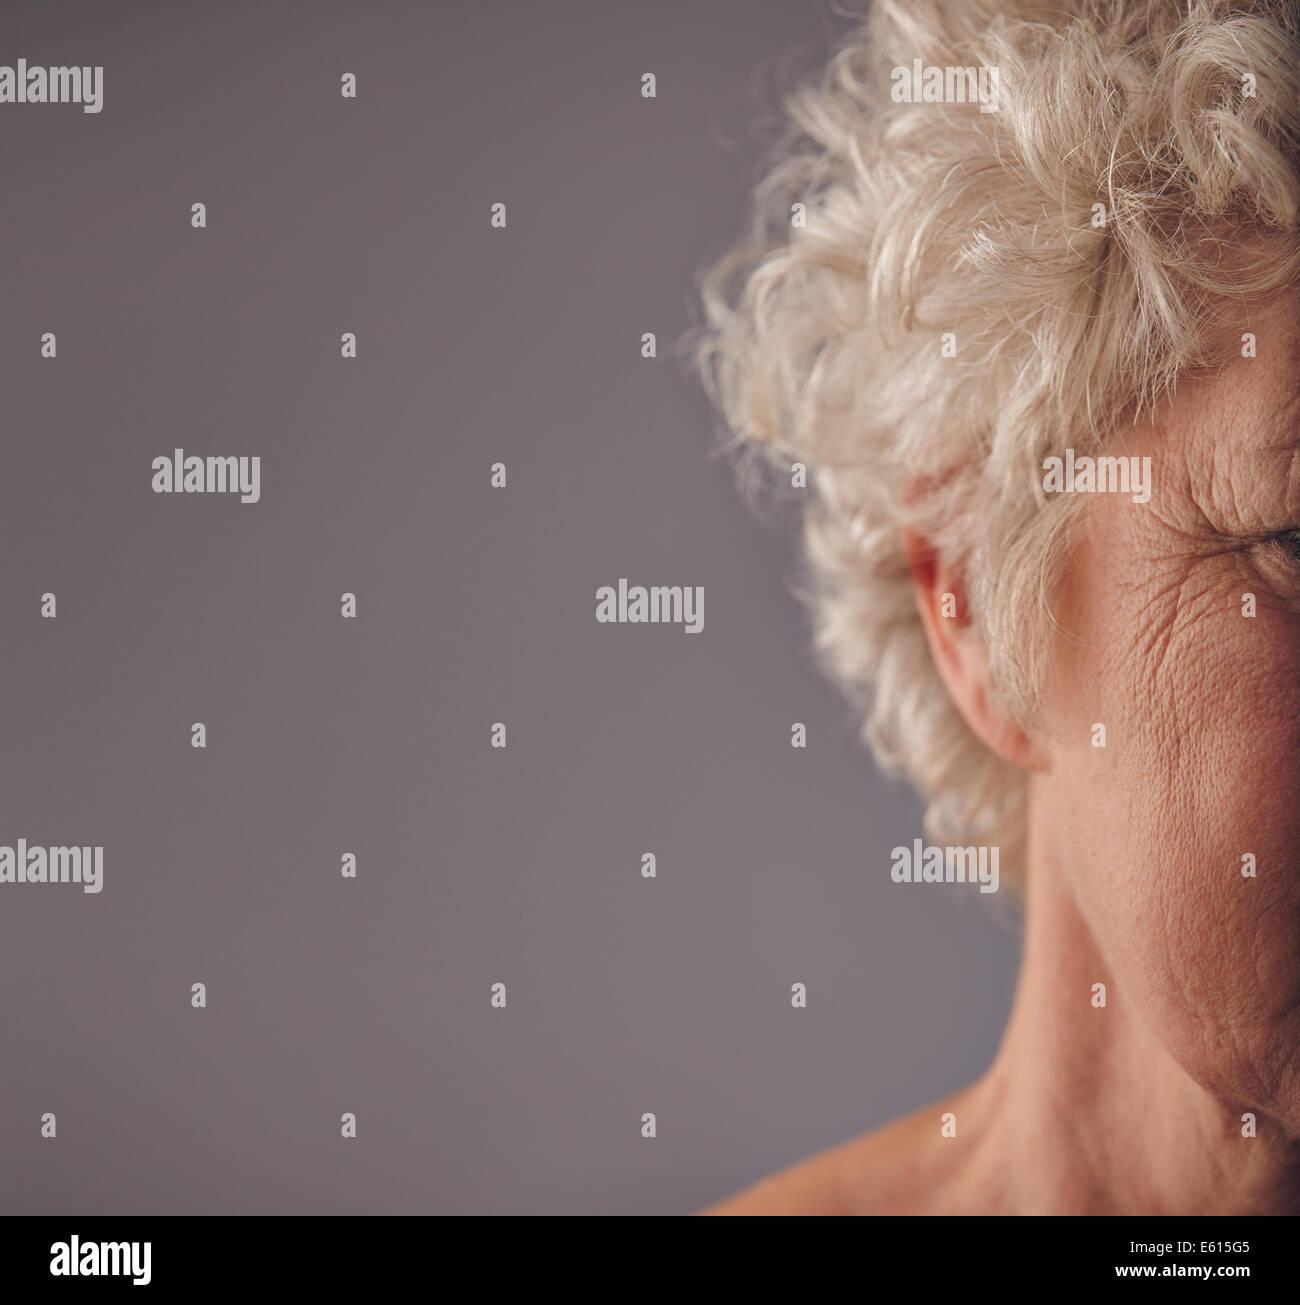 Portrait of senior woman face avec Peau parcheminé sur fond gris. Pieds-de-Corbeau sur les yeux de la vieille Photo Stock